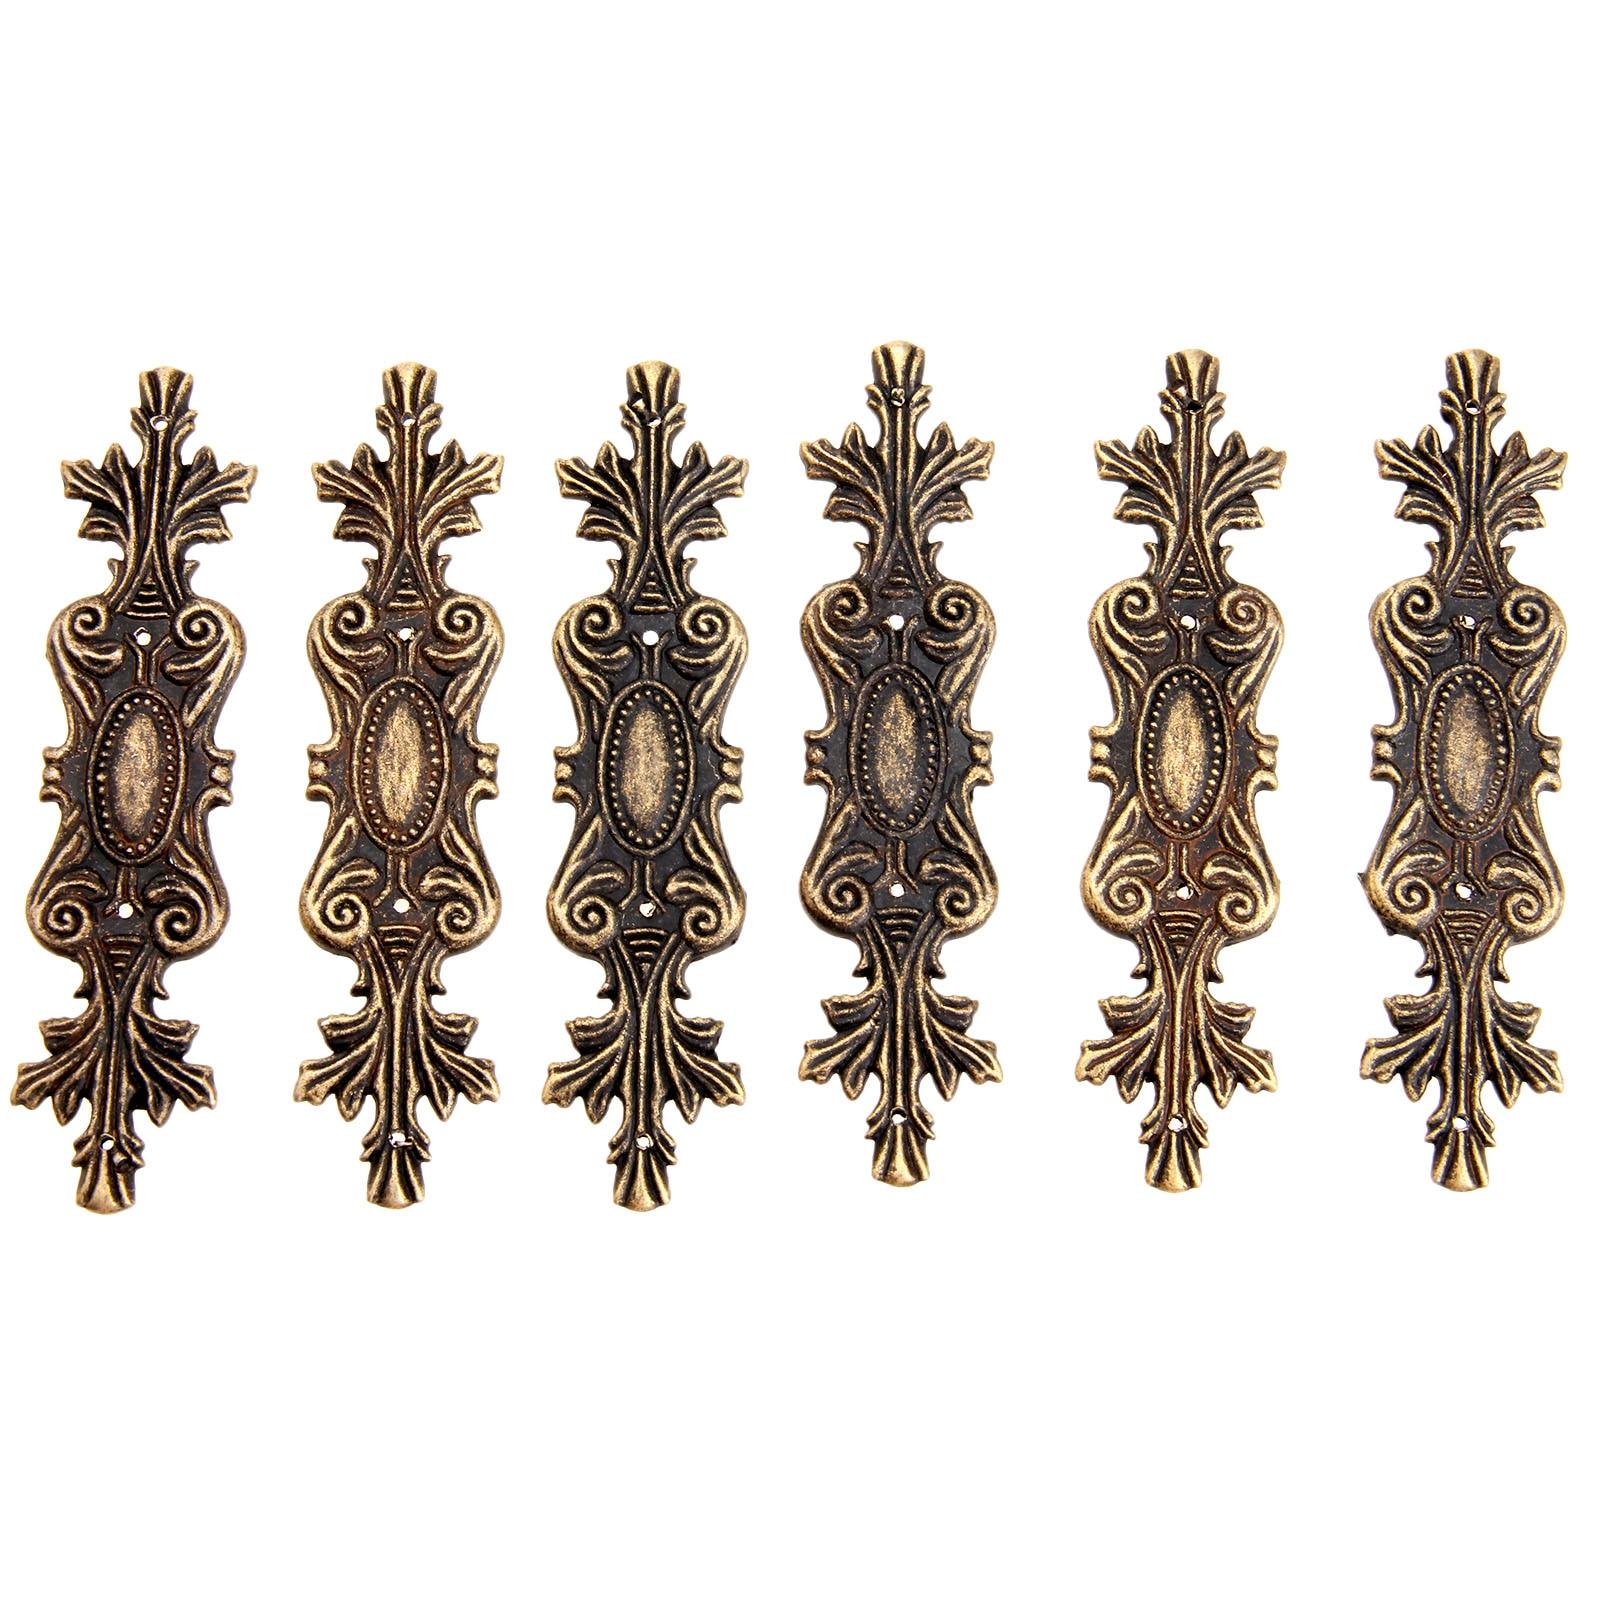 [해외]6Pcs Antique Decorative Corner Bracket Decorative Jewelry Box Wood Case Feet Leg Corner Protector Furniture FittingsNails/6Pcs Antique Decorative